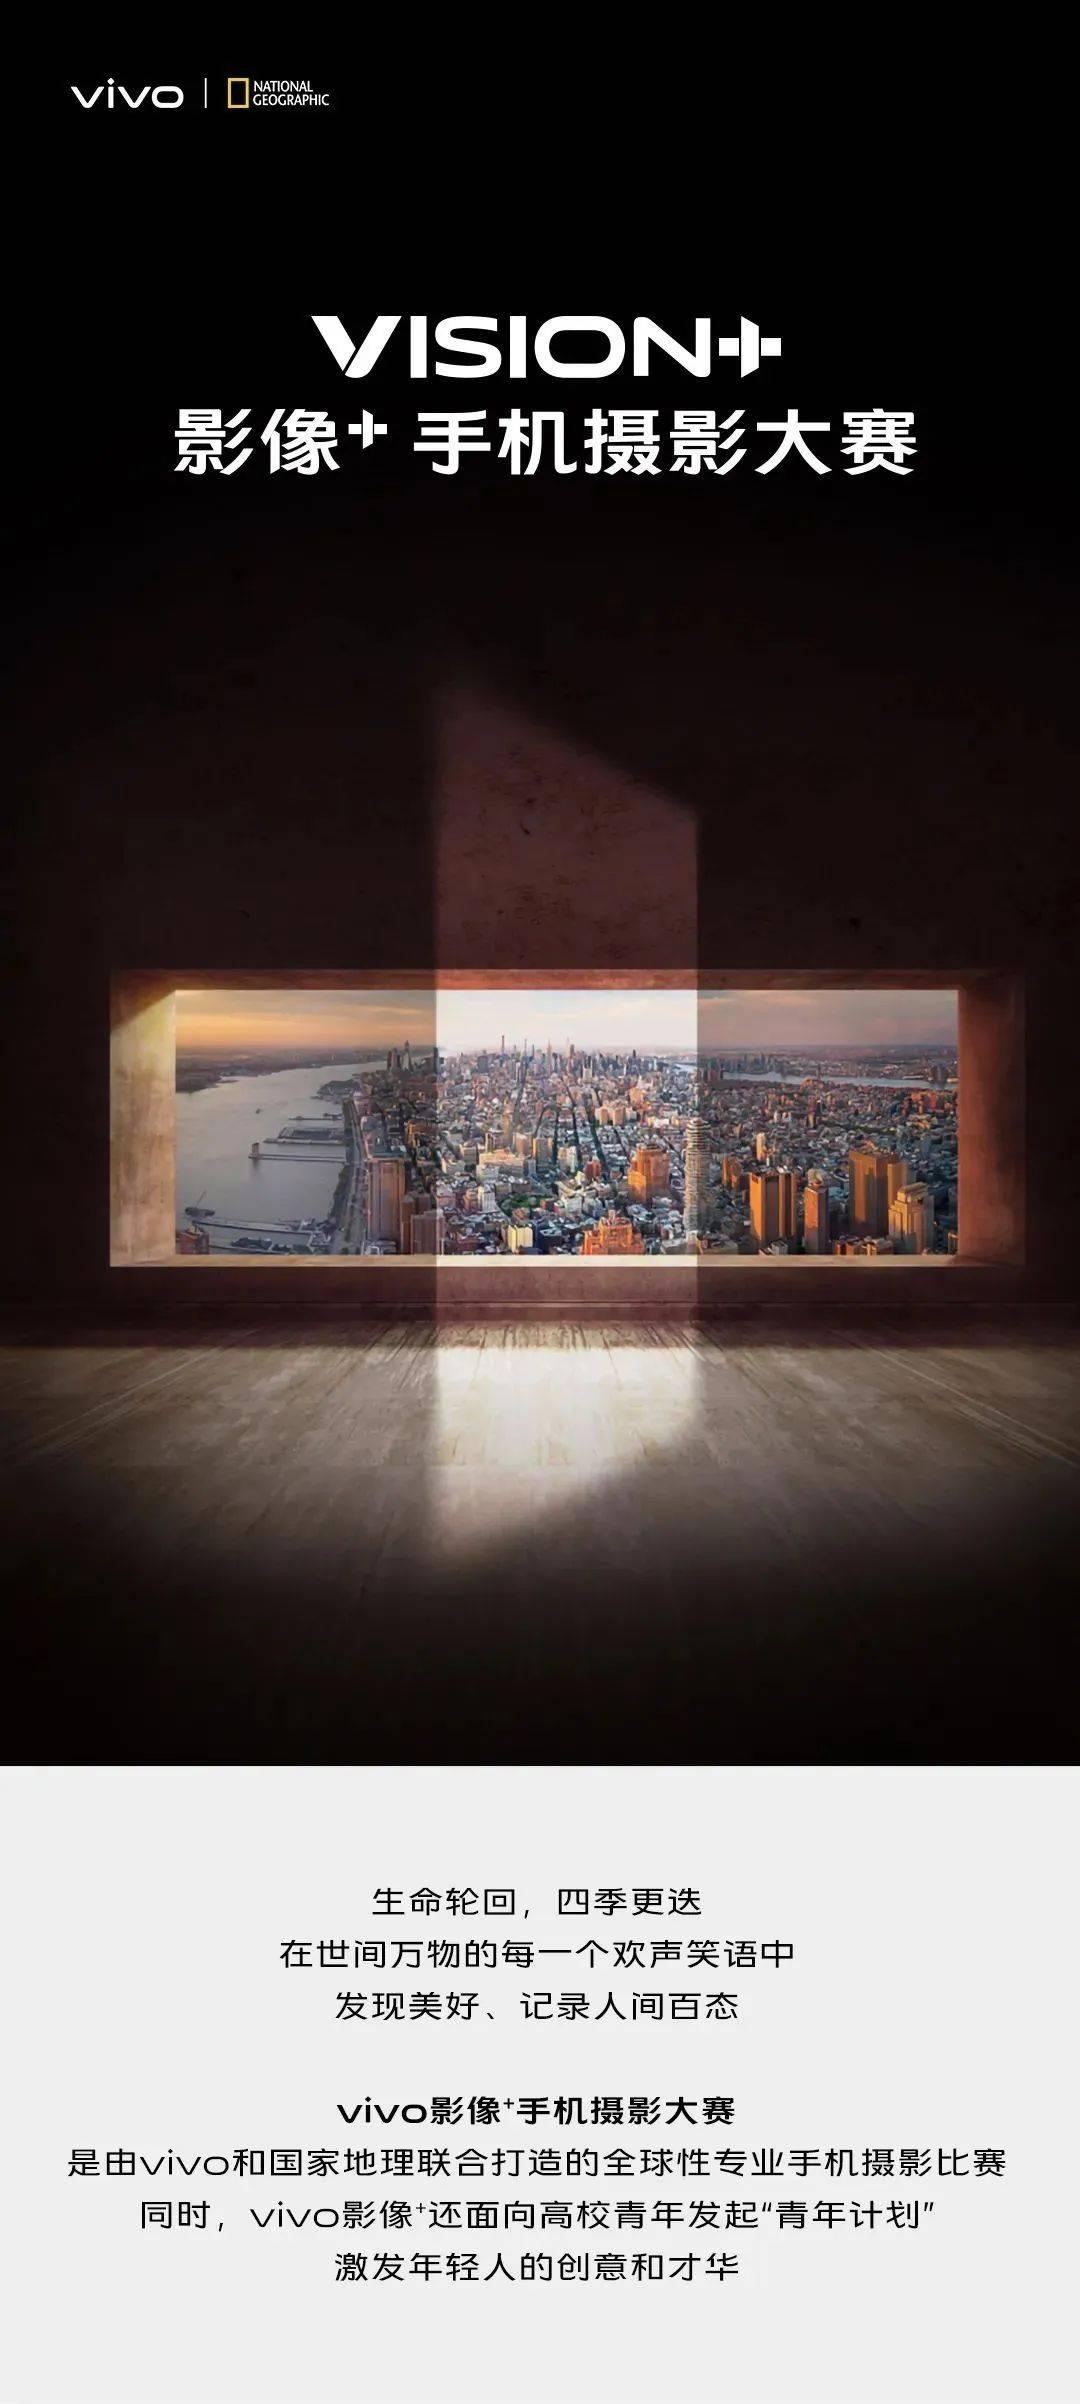 瞬间就是世界| vivo视频手机摄影大赛最终获奖作品揭晓